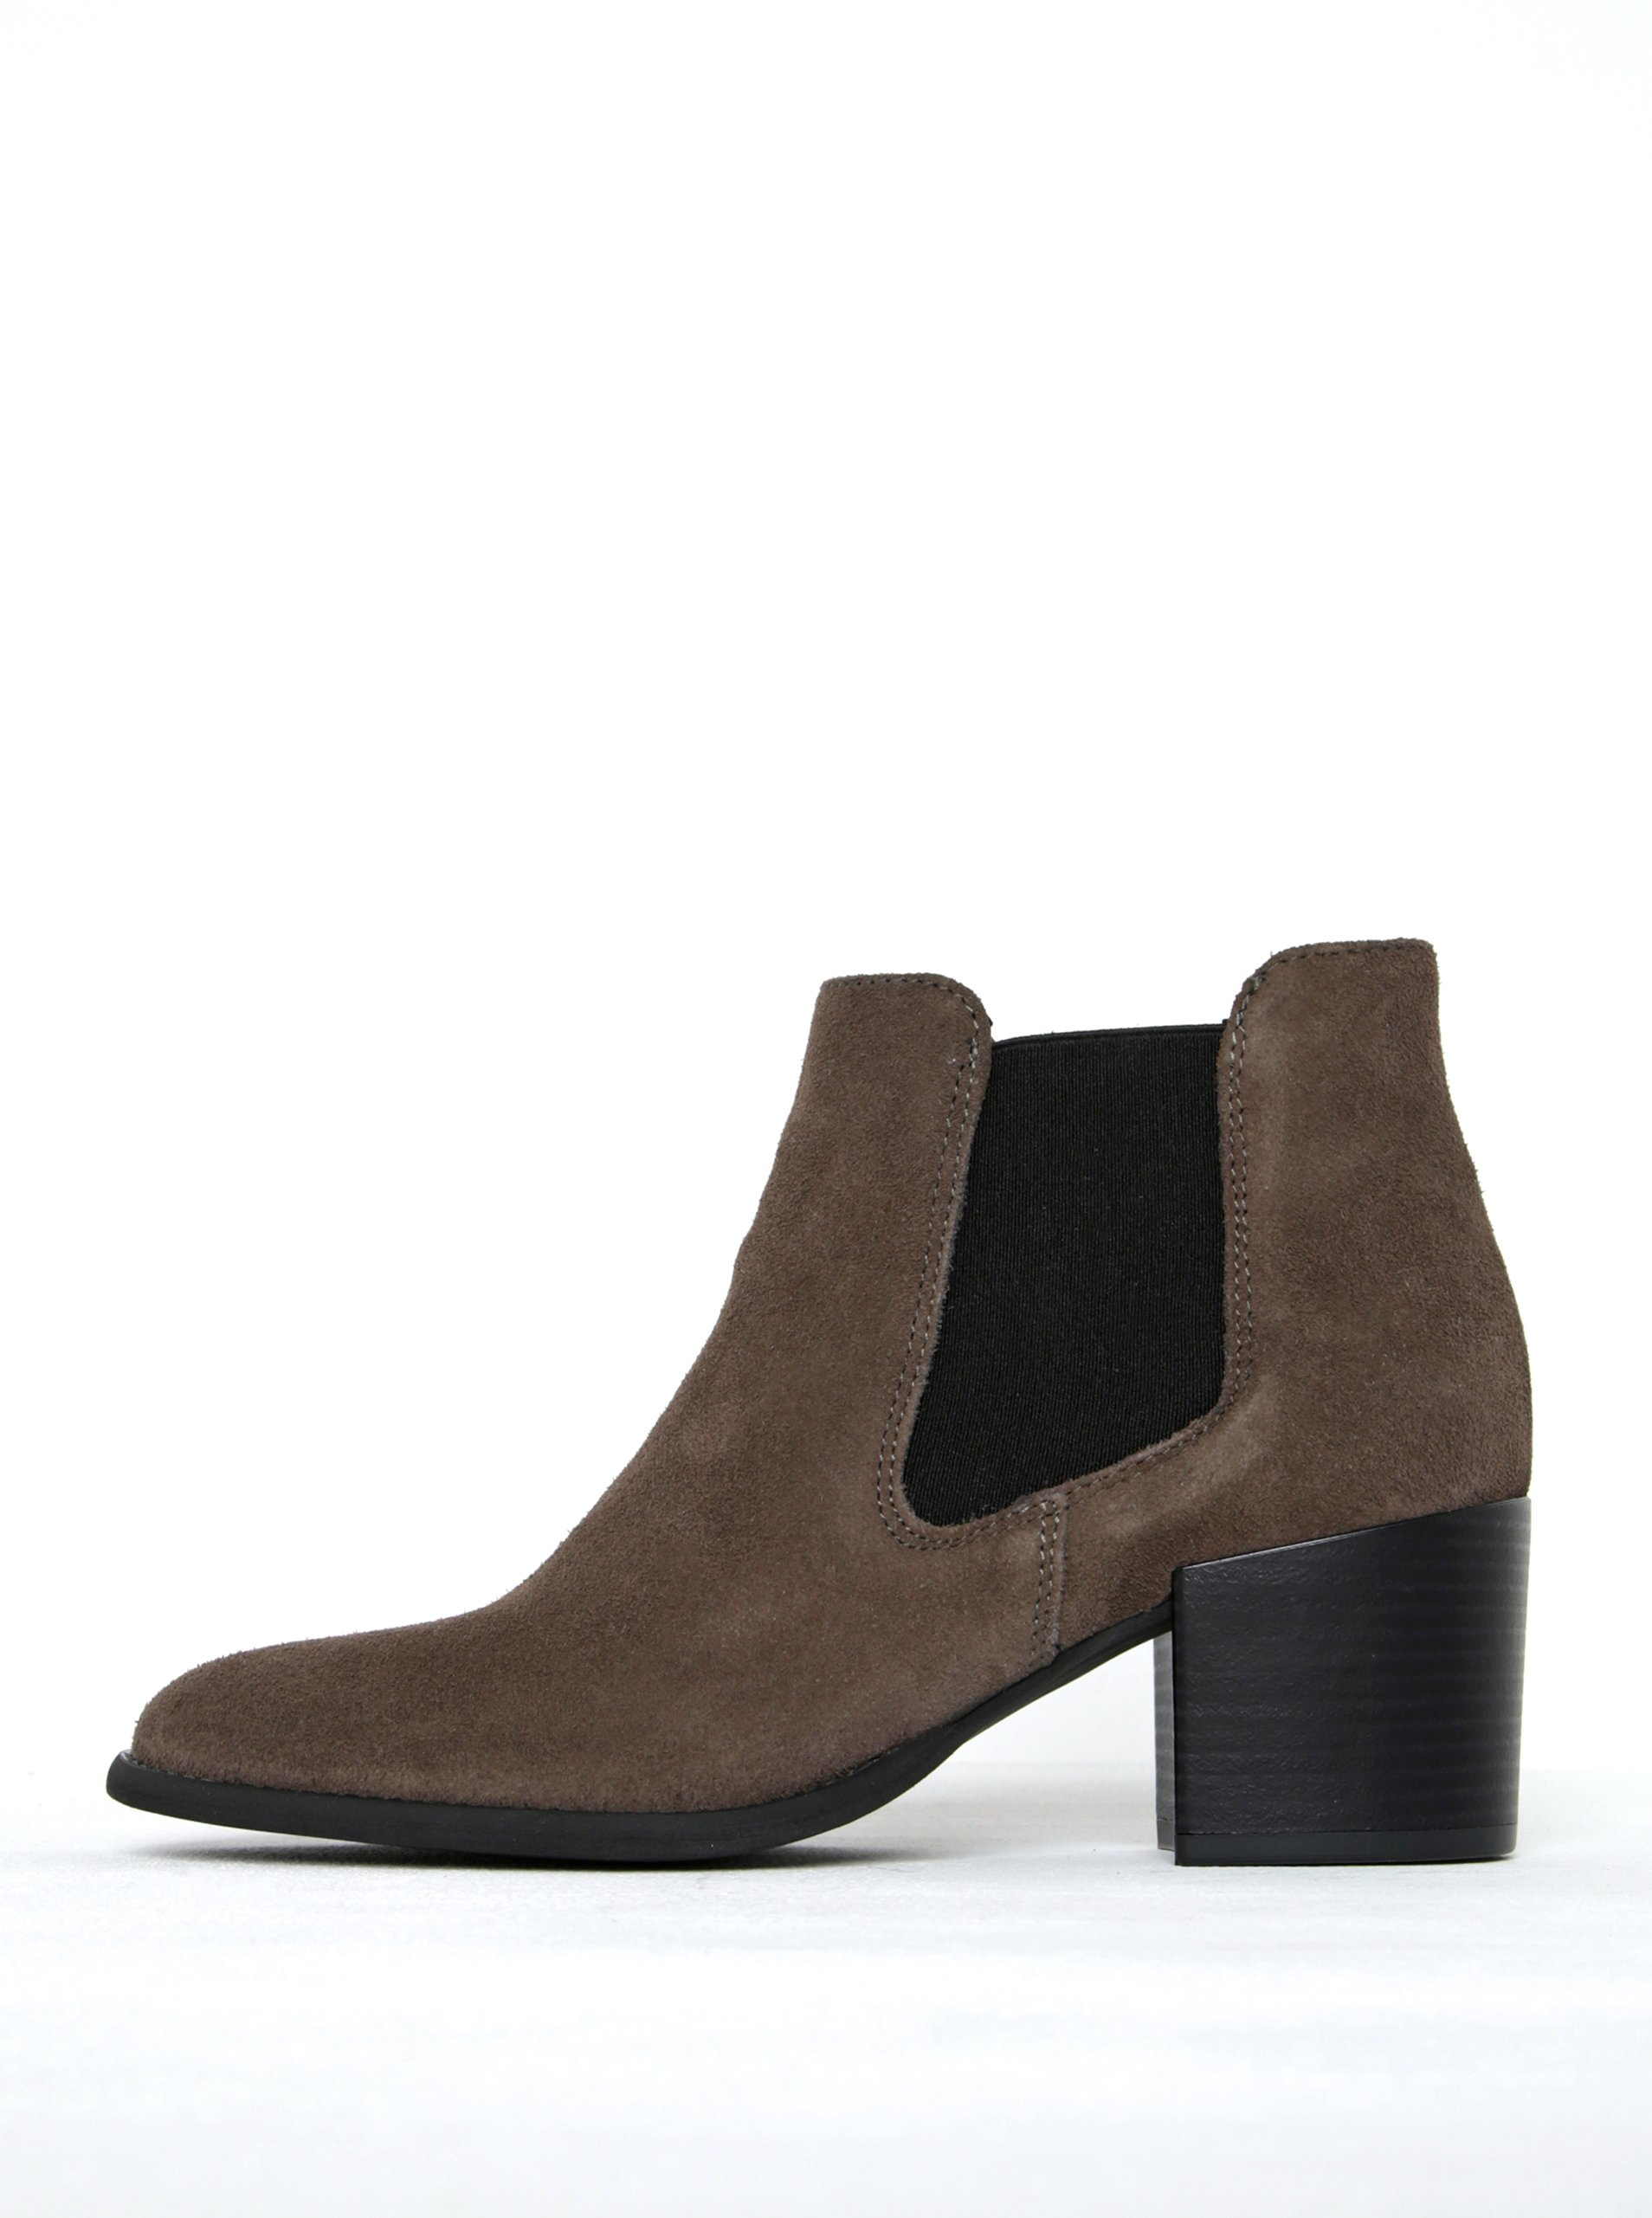 Hnědé semišové chelsea boty na podpatku Tamaris